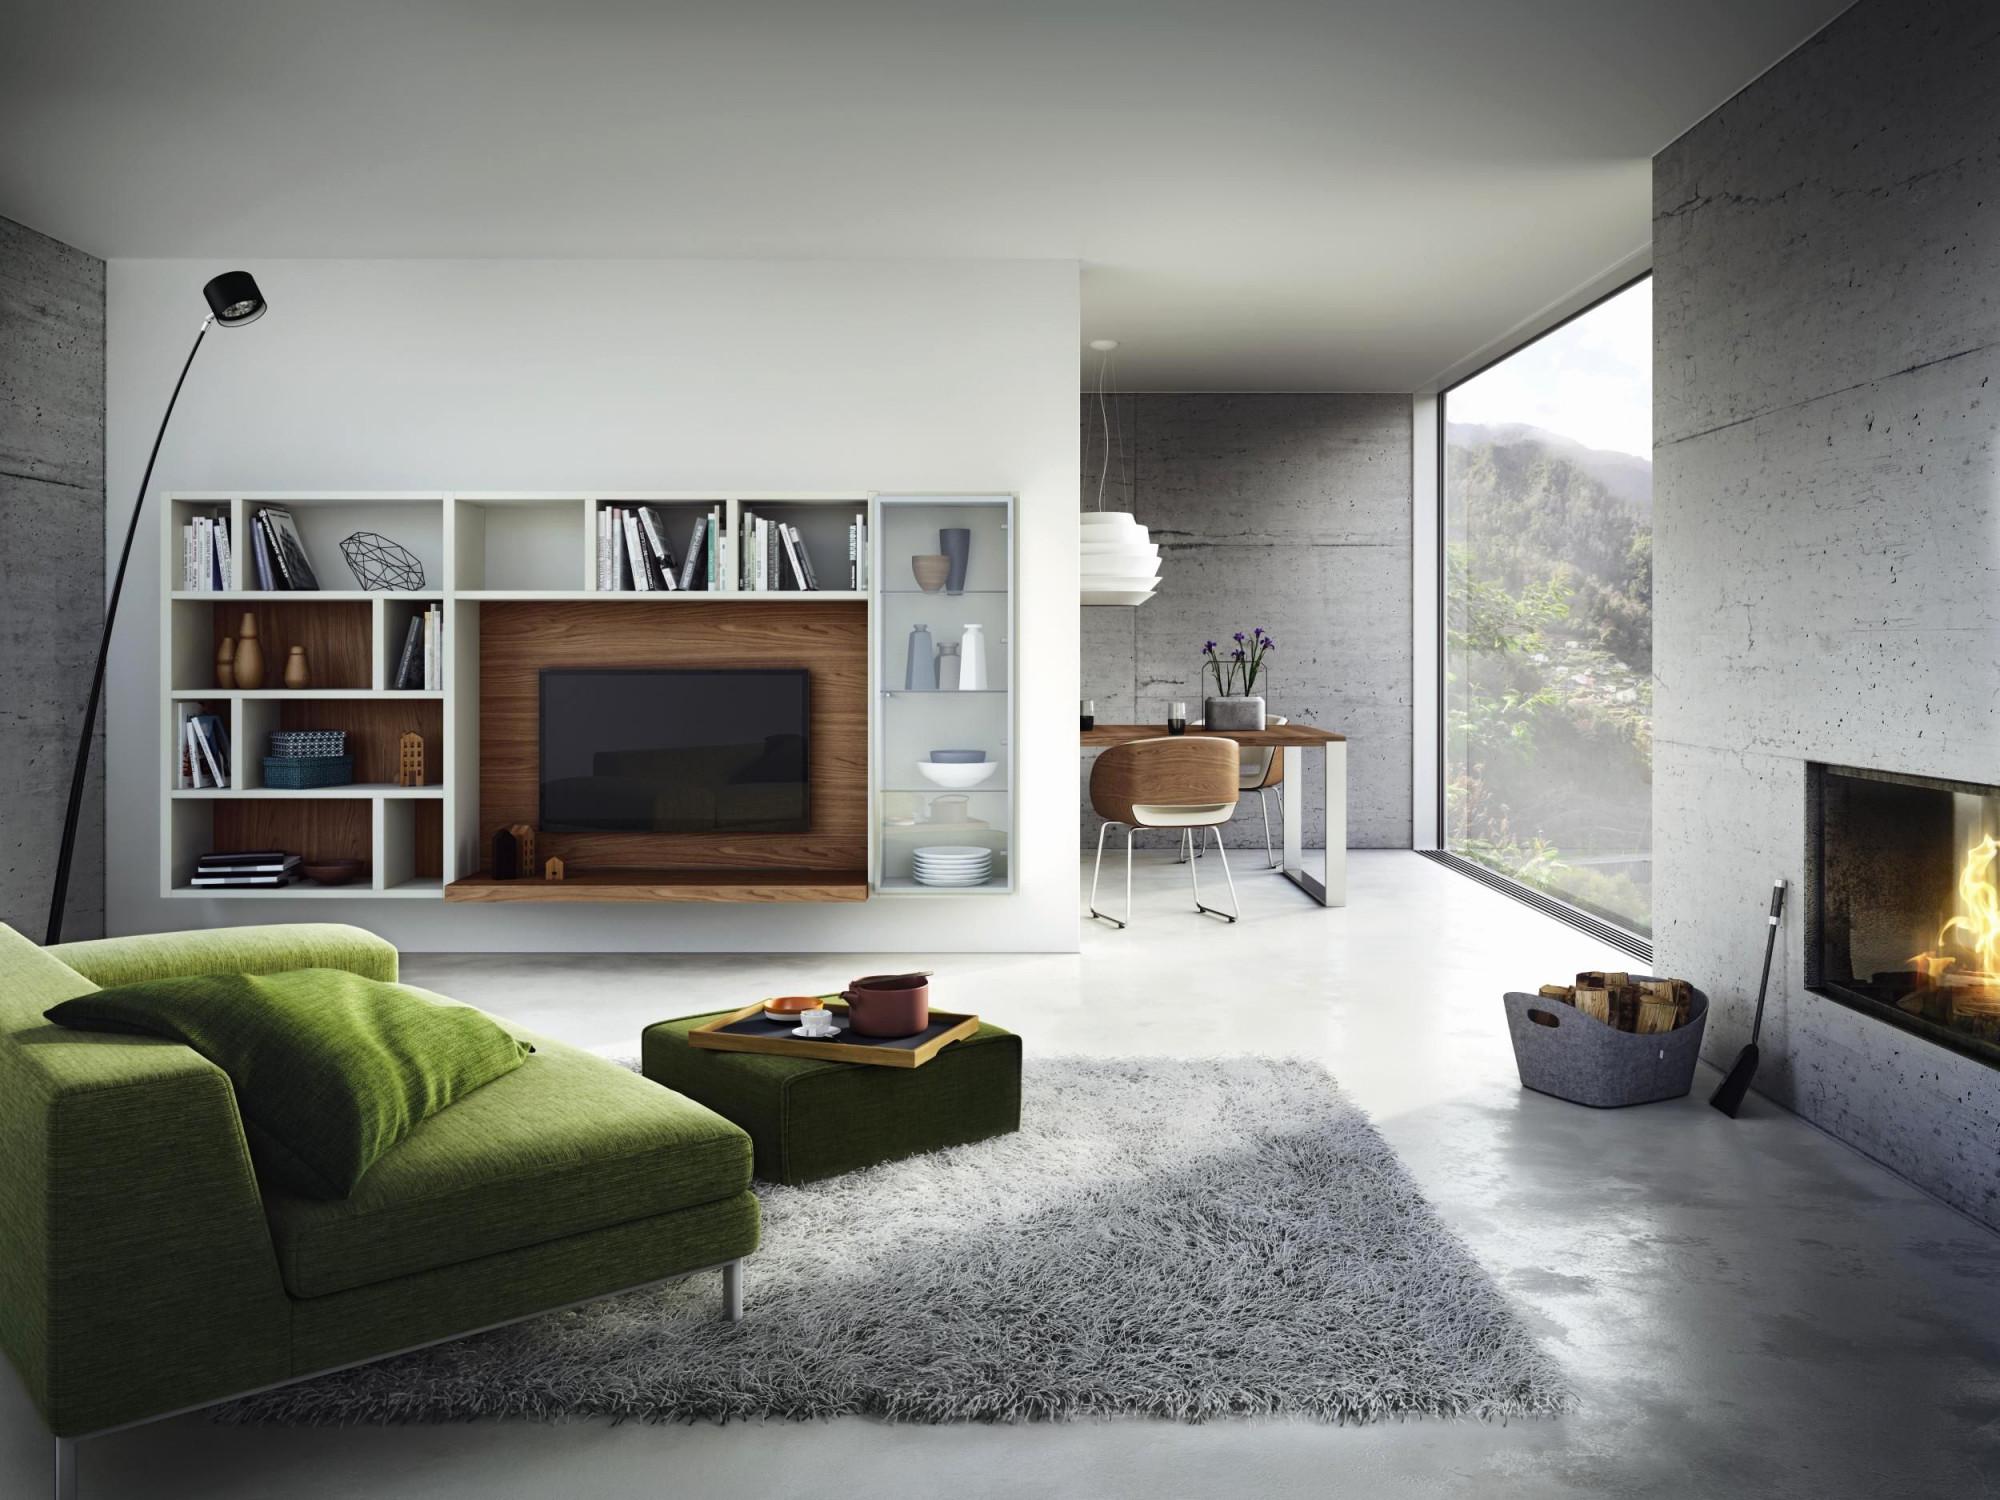 tv an wand hangen belle meisten erstaunlich mit begehrenswert wohnzimmer fernseher of tv an wand hangen 1